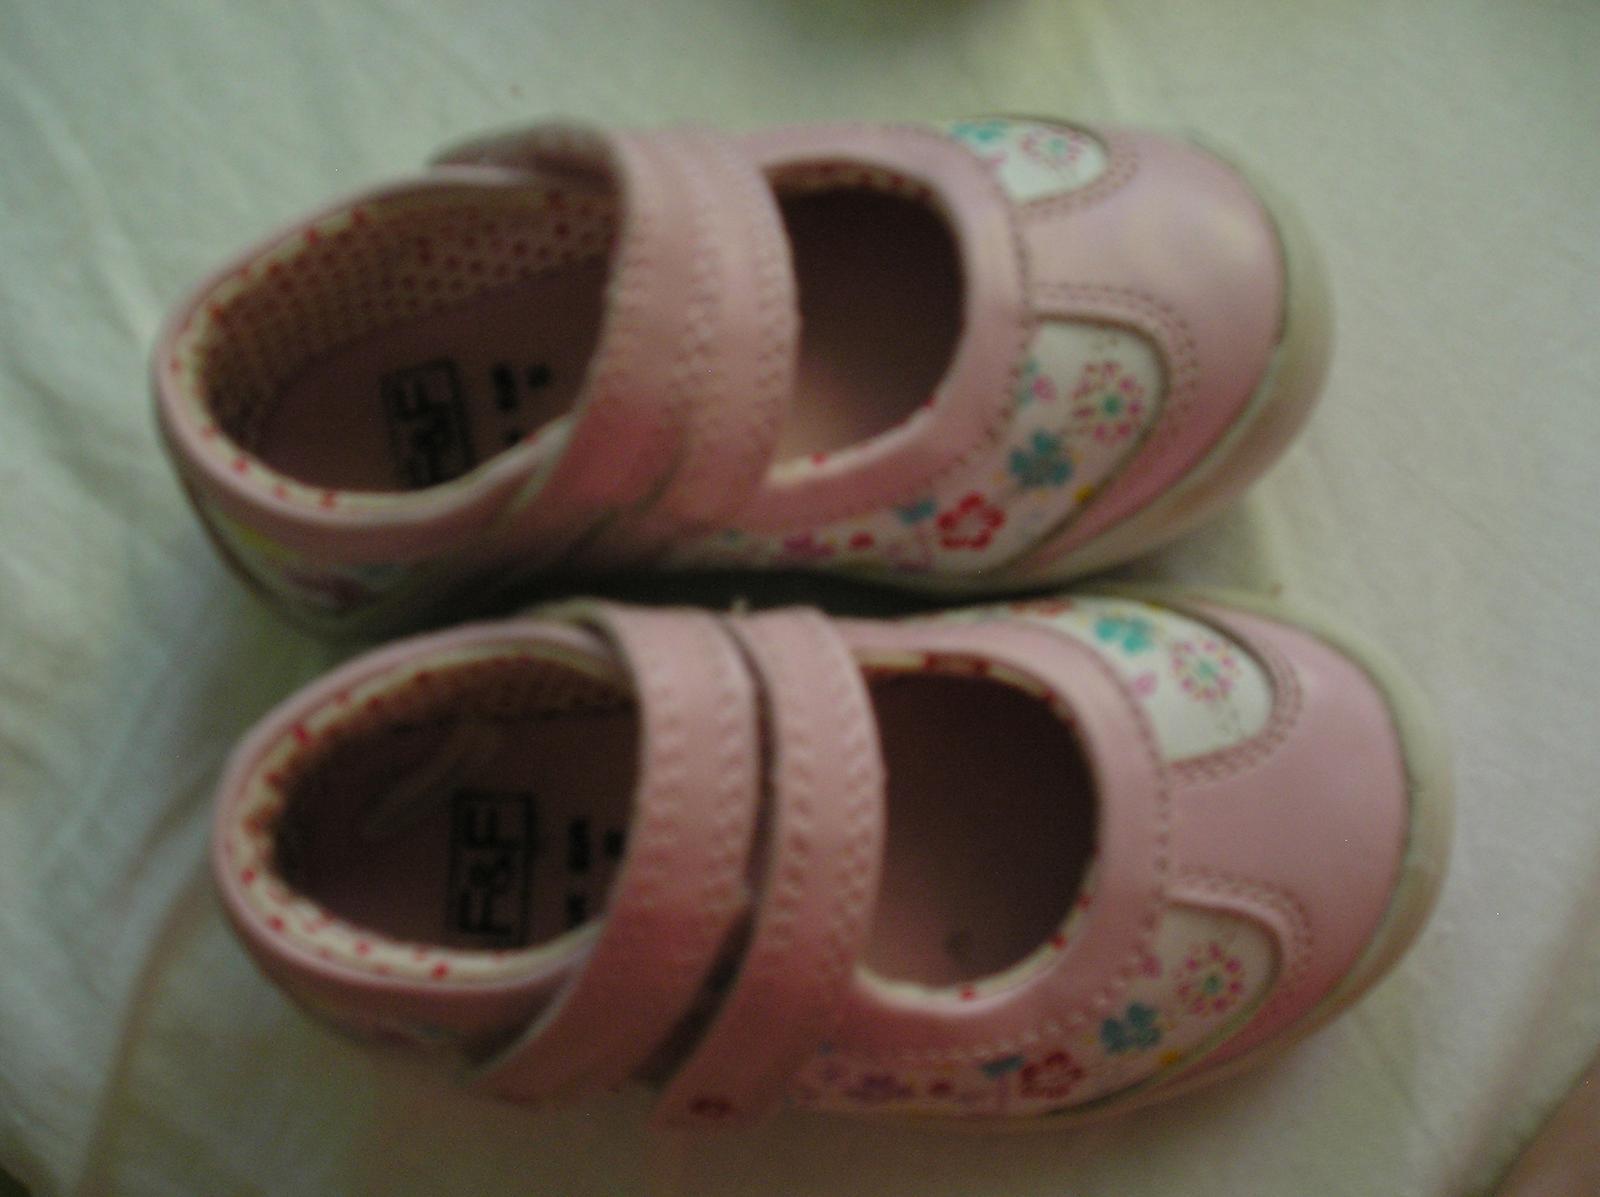 Kvetinkové topánky na dva suché zipsy - Obrázok č. 1